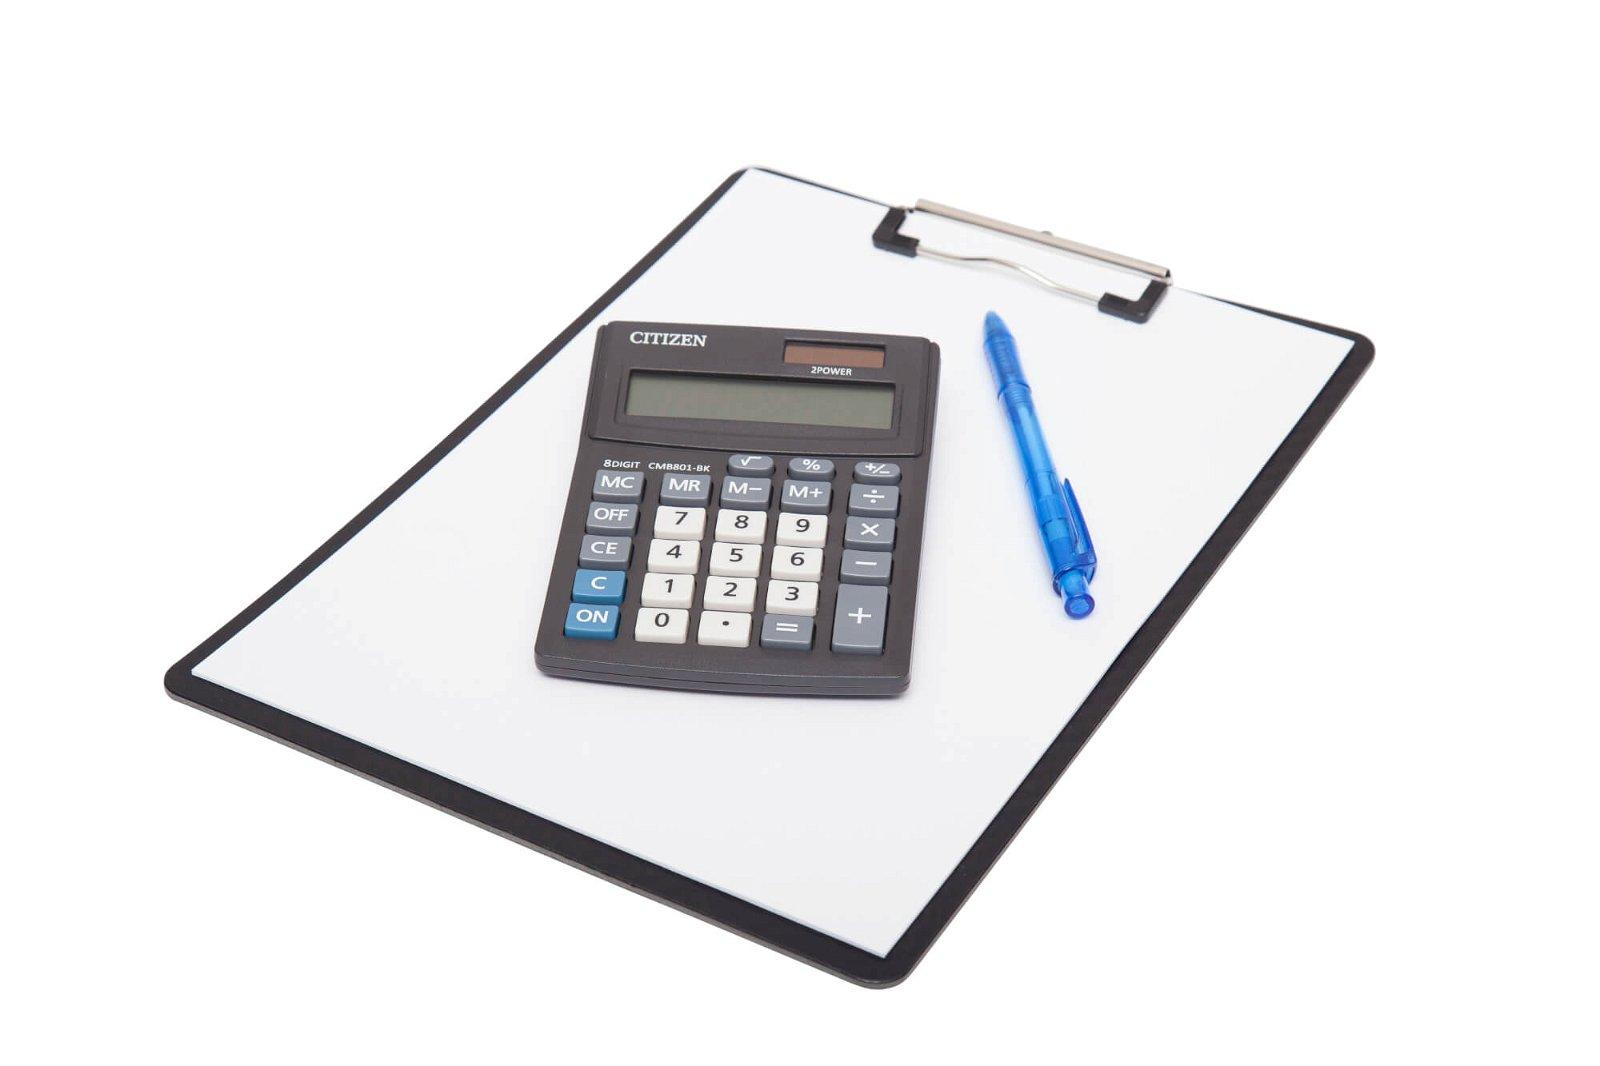 Tischrechner CMB801-BK